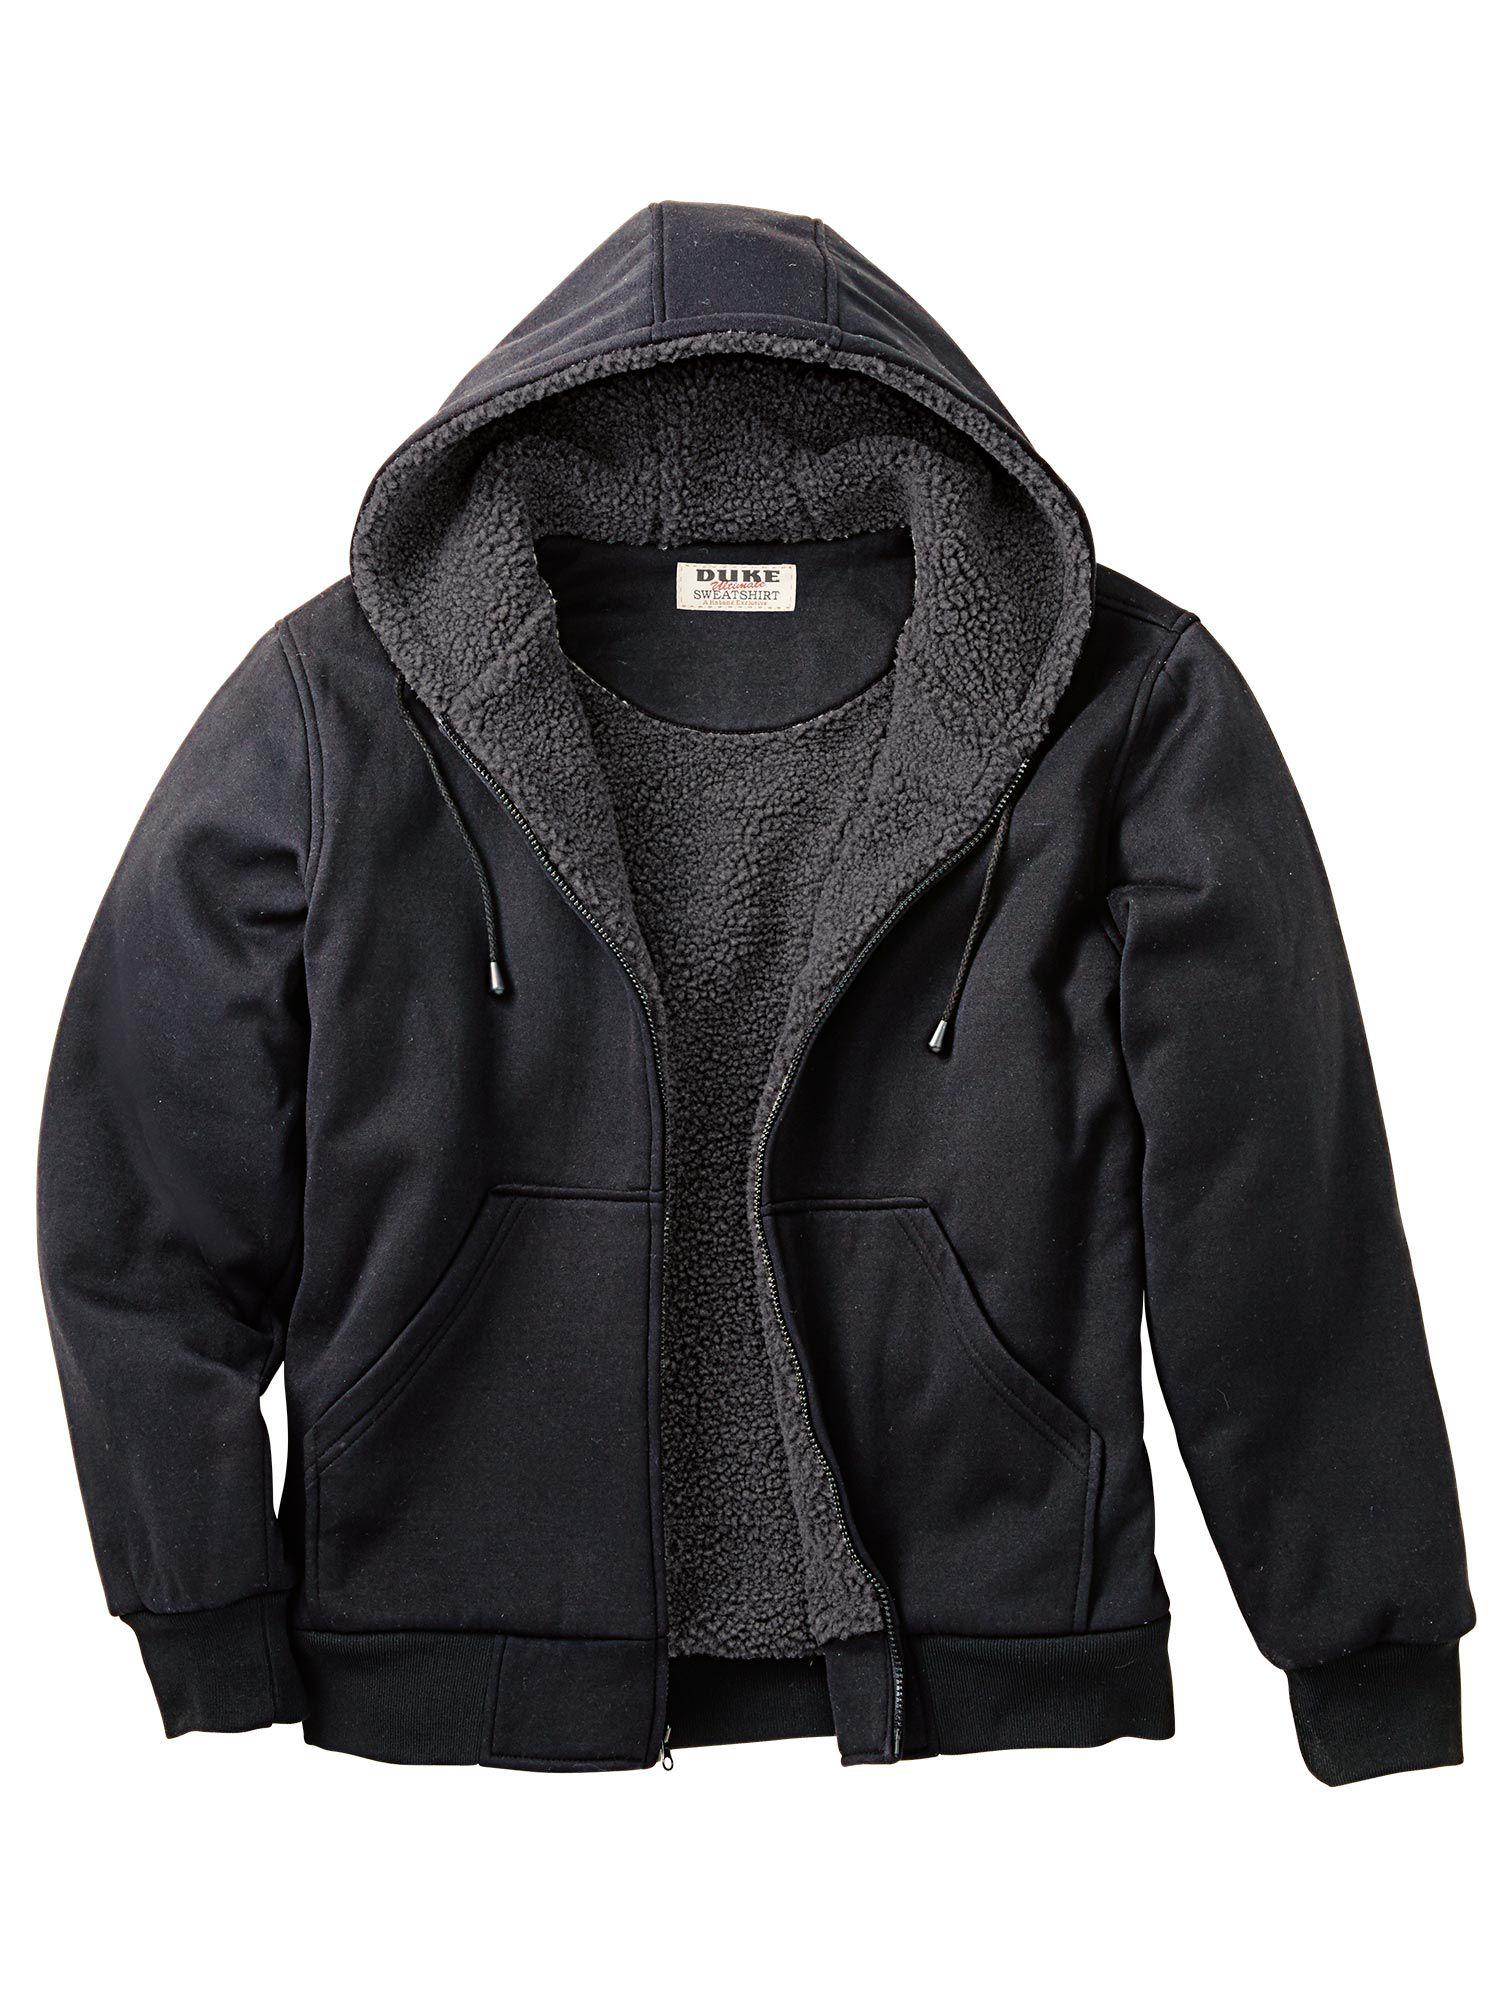 Haband Men's Duke Sherpa-Lined Fleece Jacket (several colors)